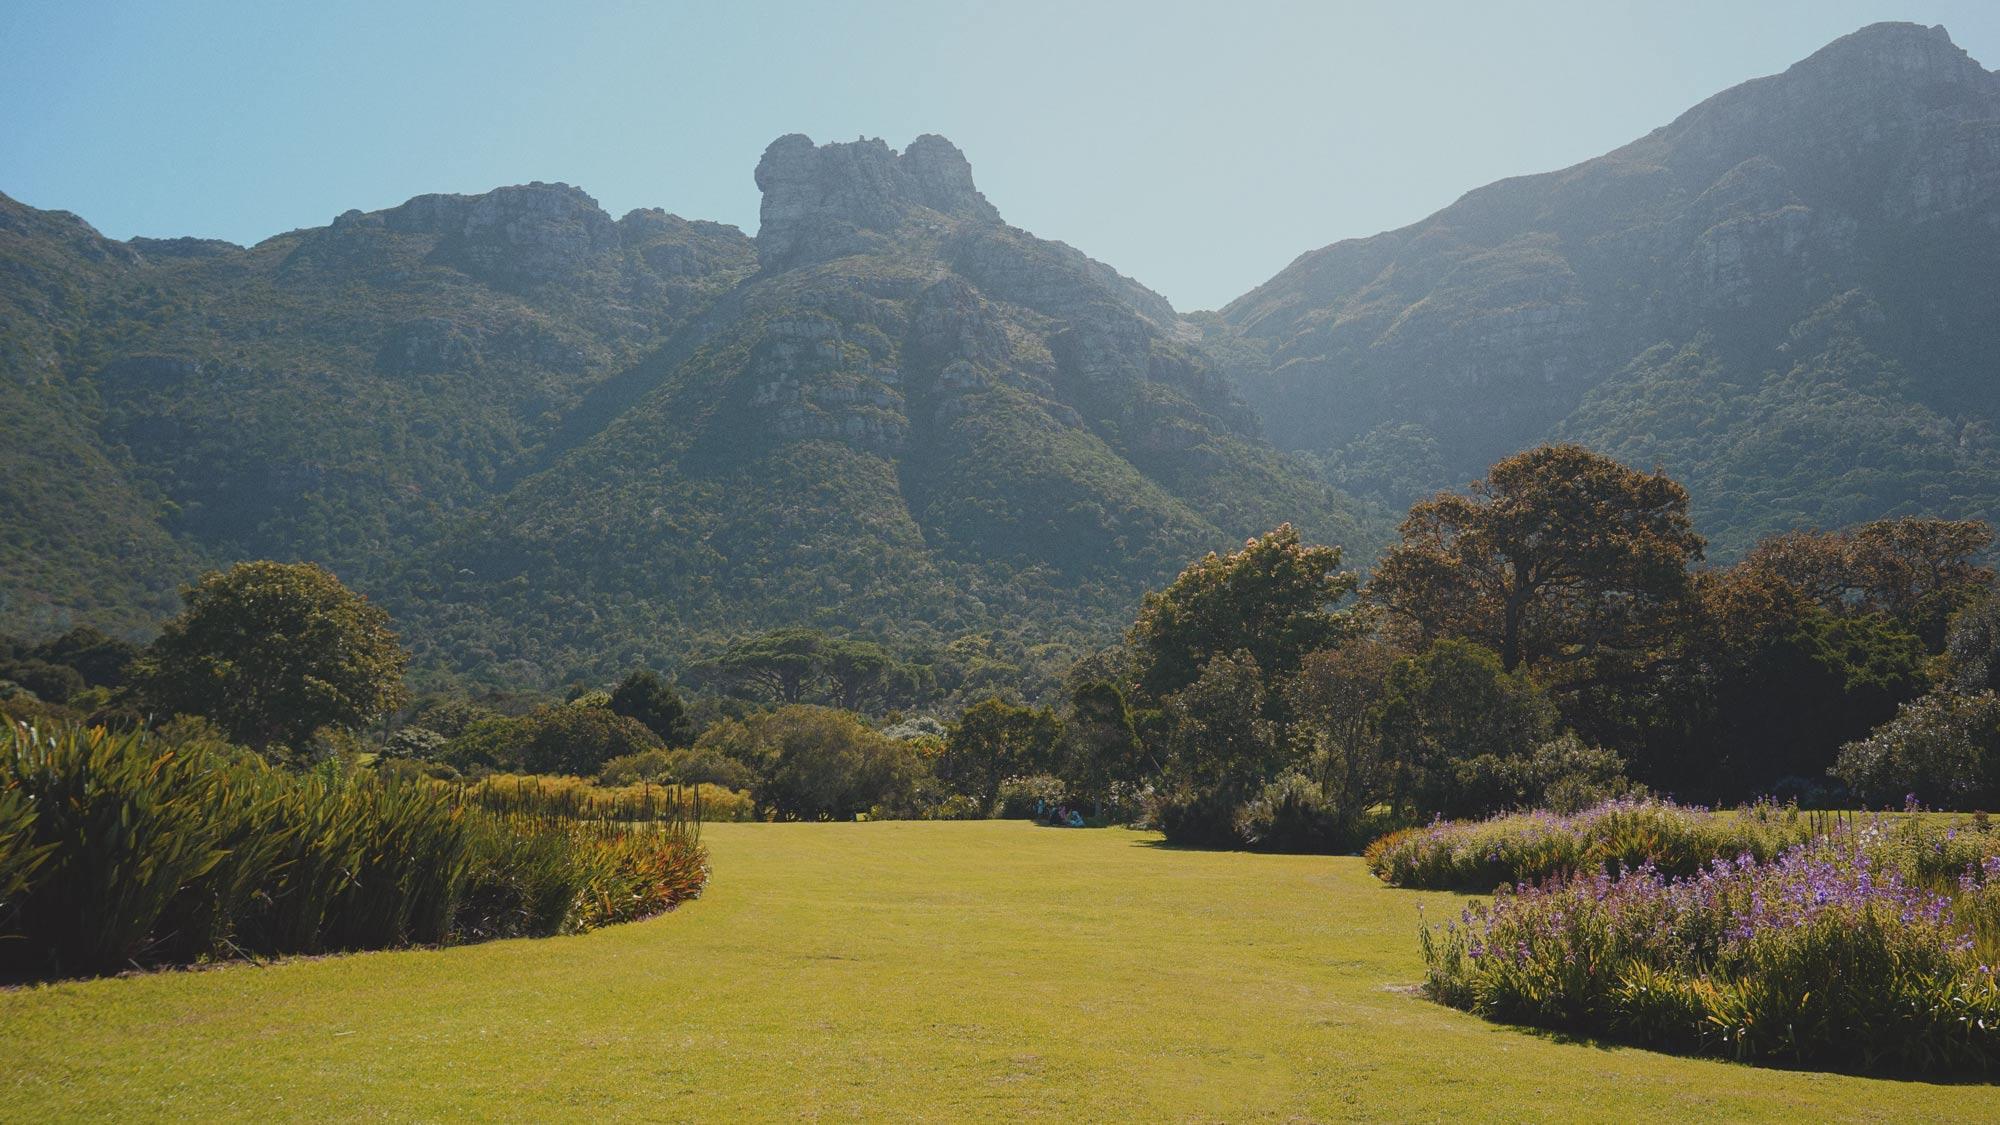 03_Giepert_South_Africa.jpg